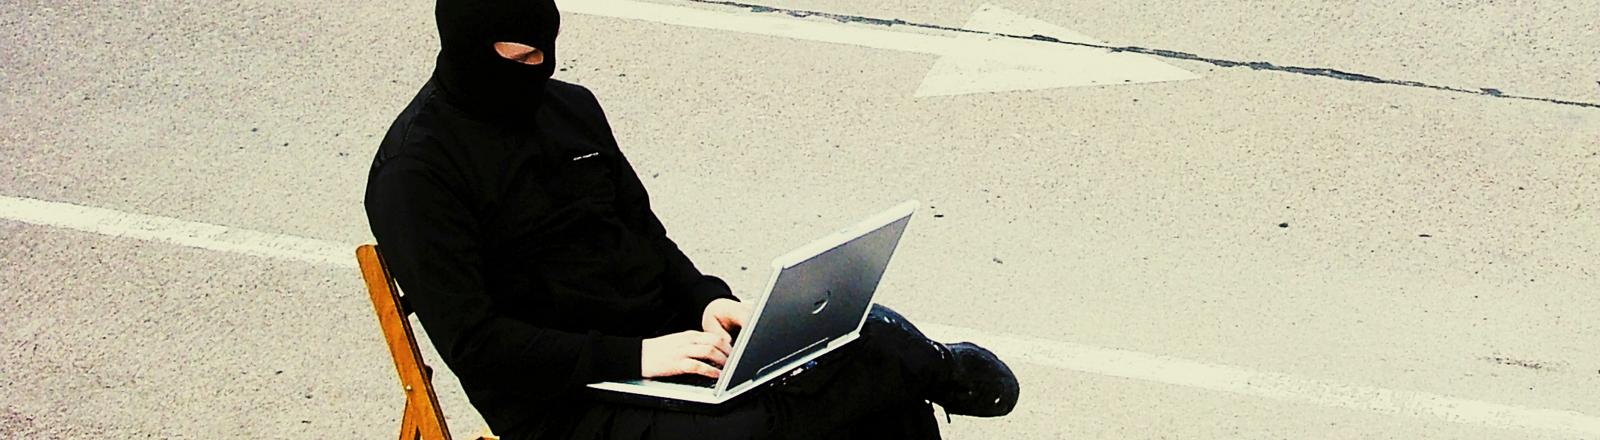 Mann in schwarz gekleidet und mit Sturmmaske, der an einem Laptop arbeitet.